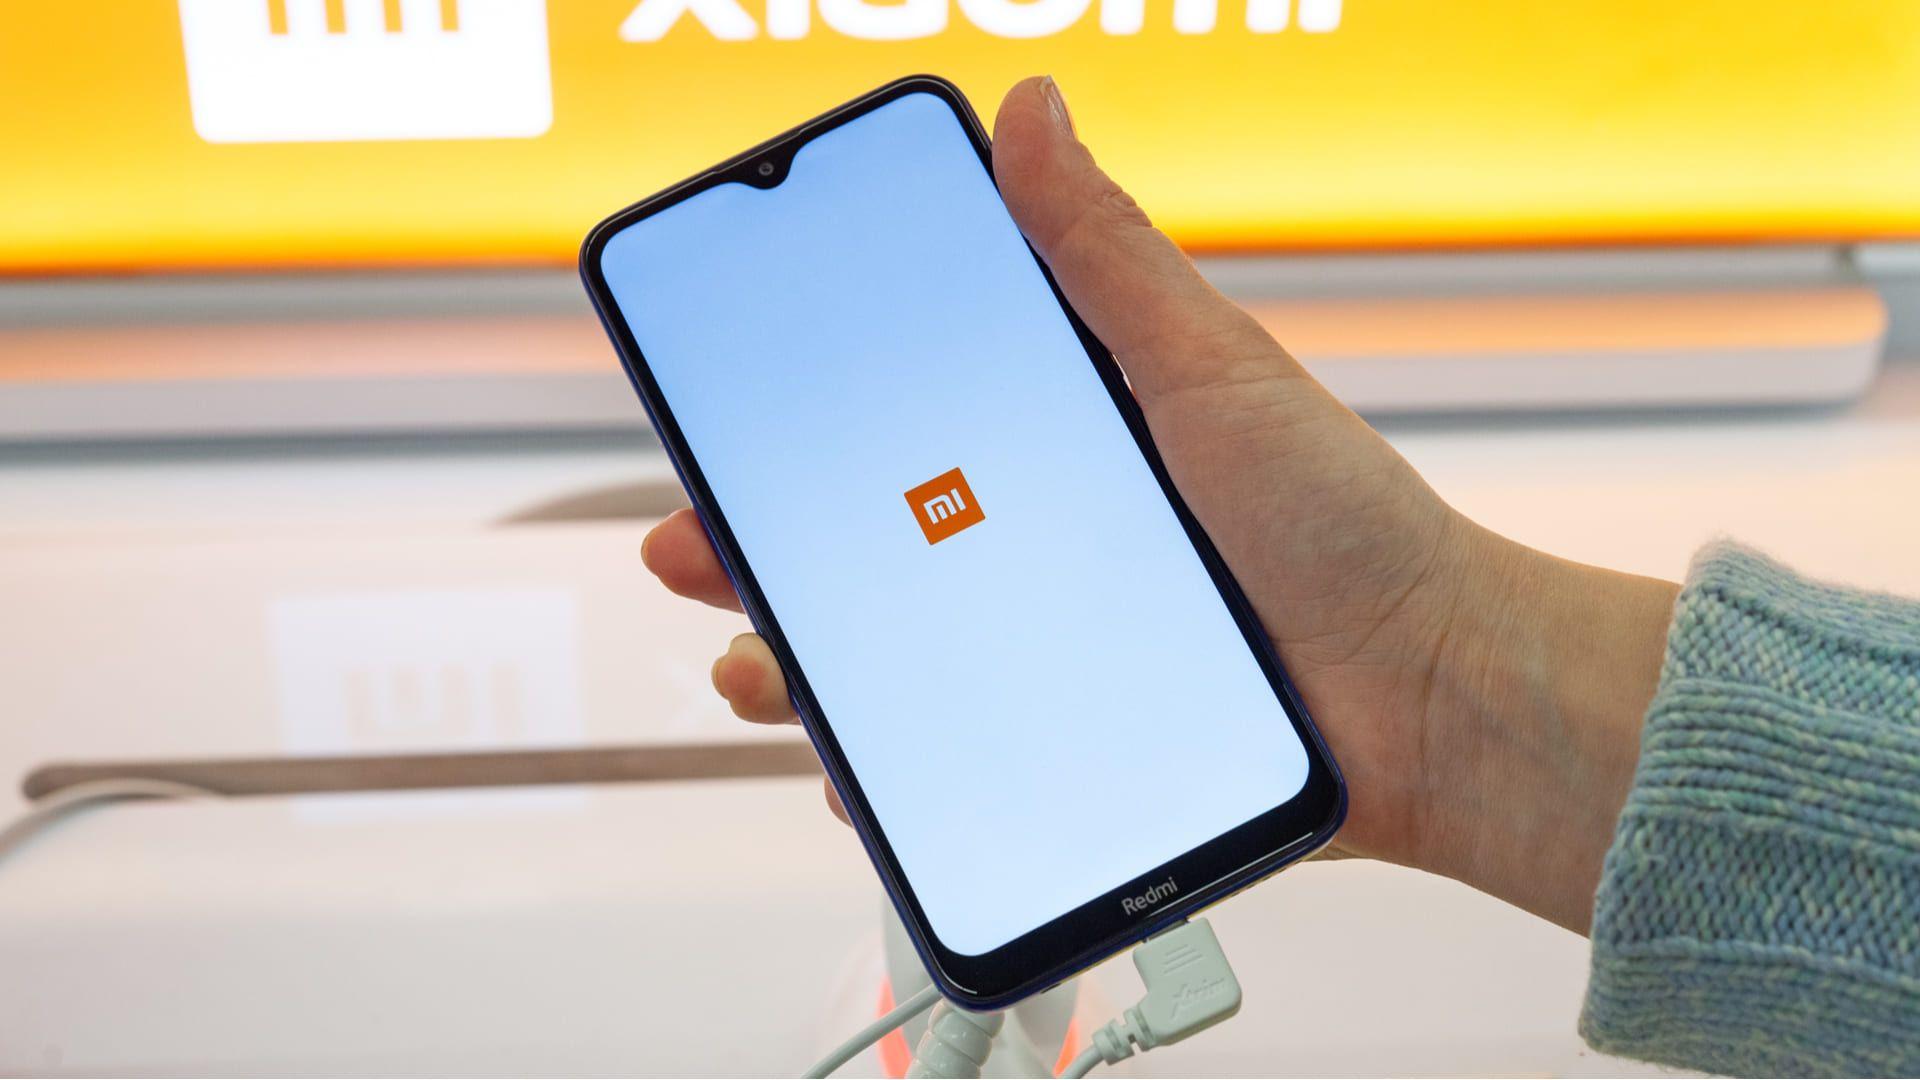 Qual melhor celular? Xiaomi tem aparelhos que se credenciam na briga (Foto: 8th.creator / Shutterstock.com)